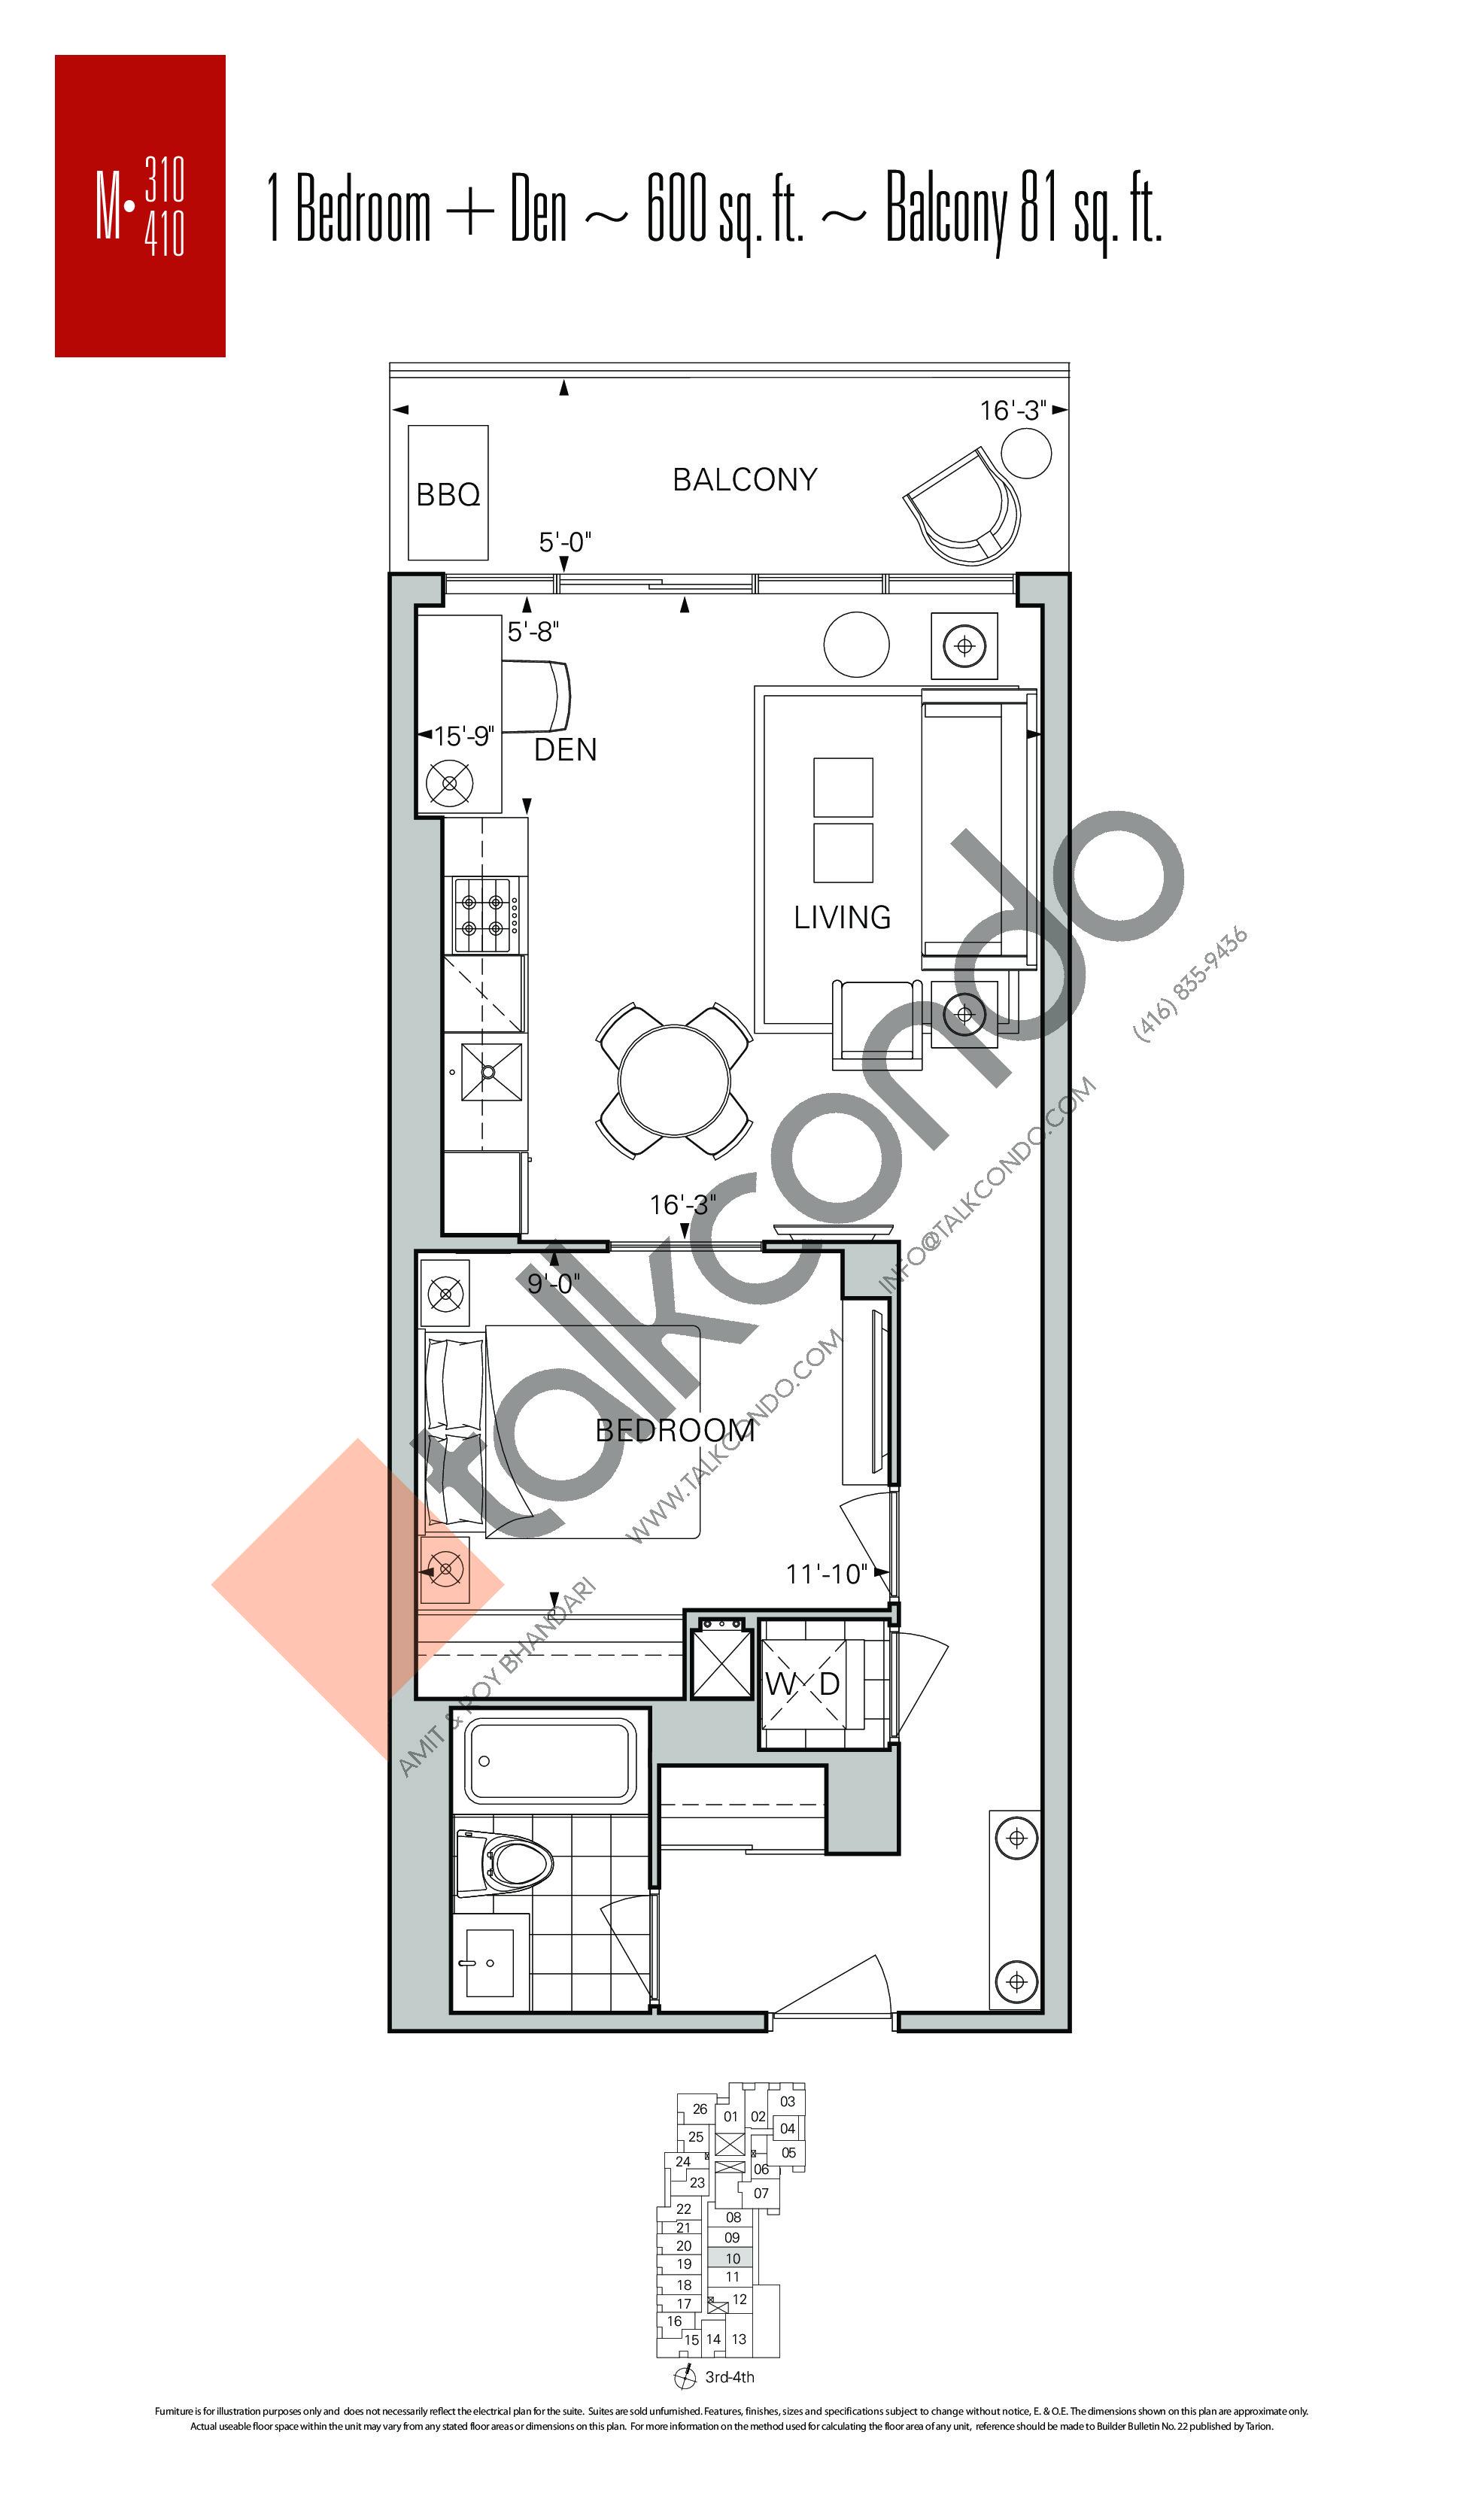 M-310 | M-410 Floor Plan at Rise Condos - 600 sq.ft